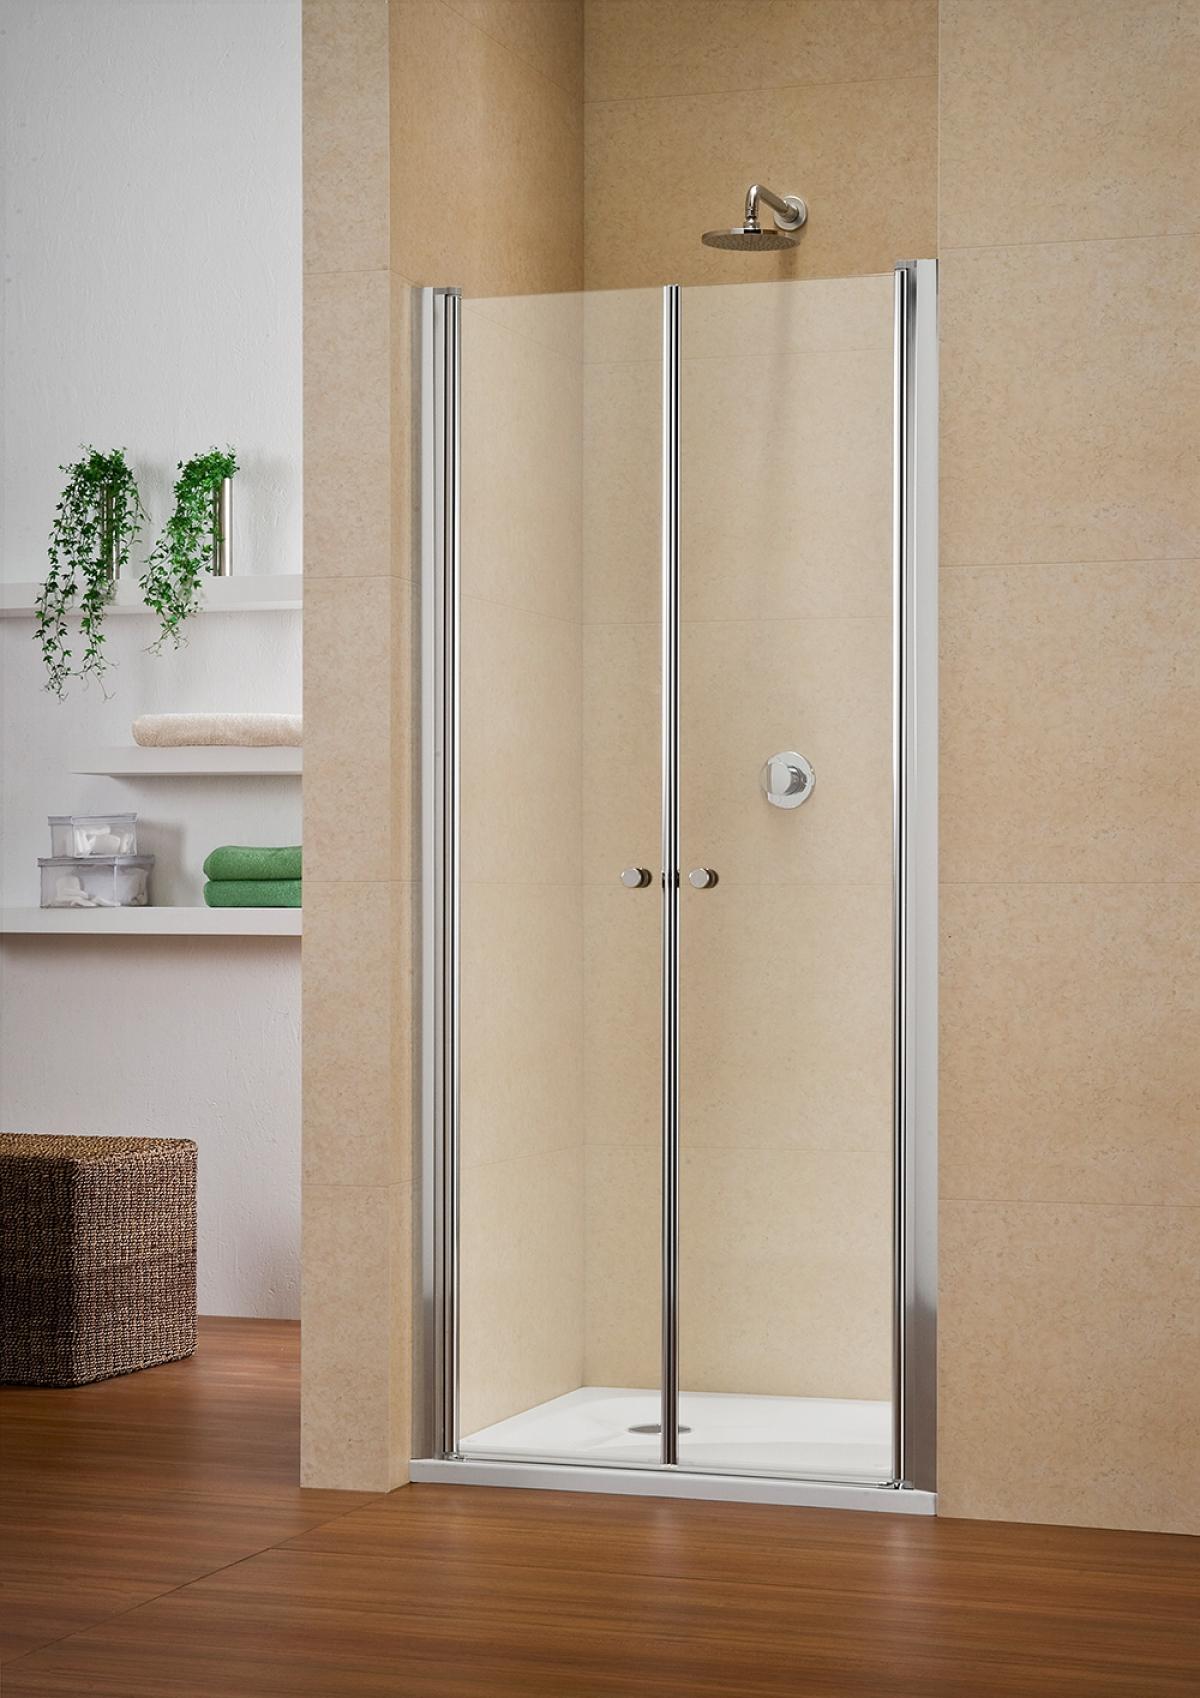 porte deux battants de douche multi s 4000 duka induscabel salle de bains chauffage et. Black Bedroom Furniture Sets. Home Design Ideas